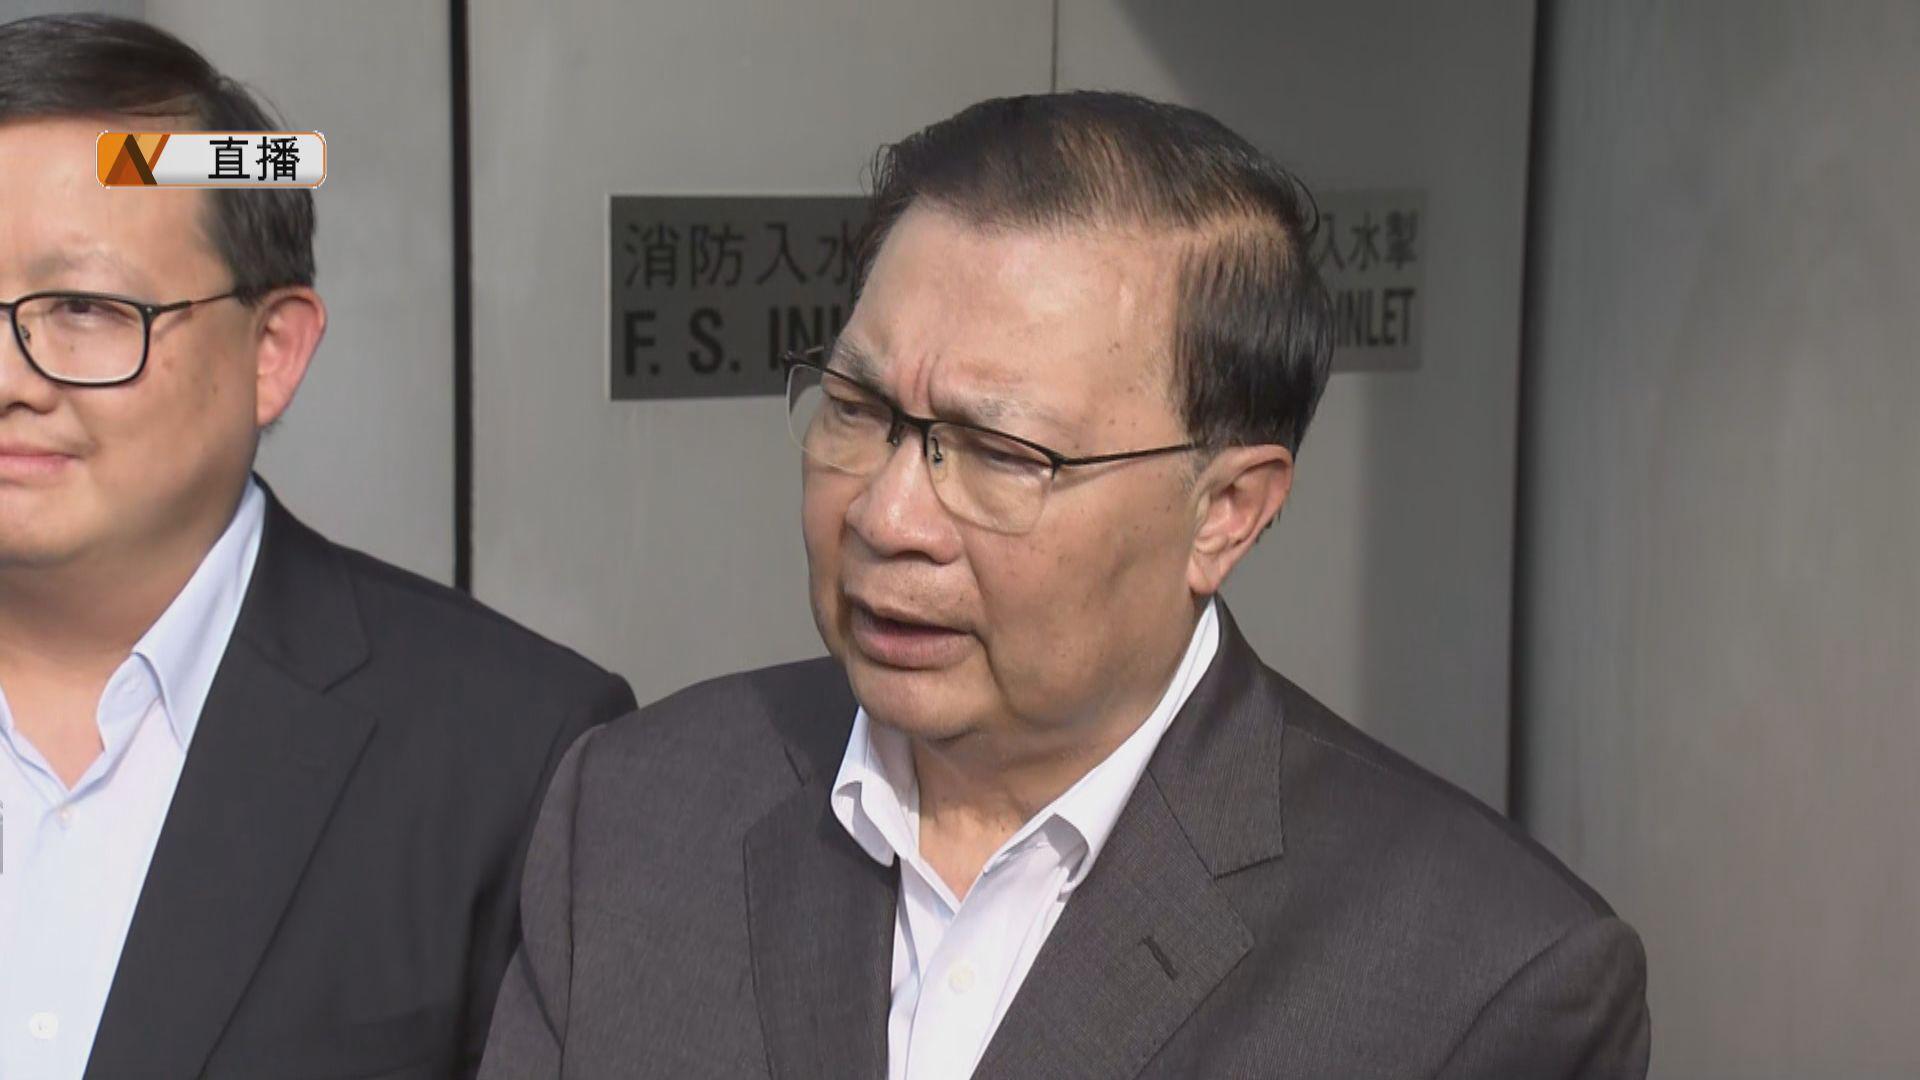 【足本】譚耀宗引述王志民稱社會有人歪曲逃犯條例修訂